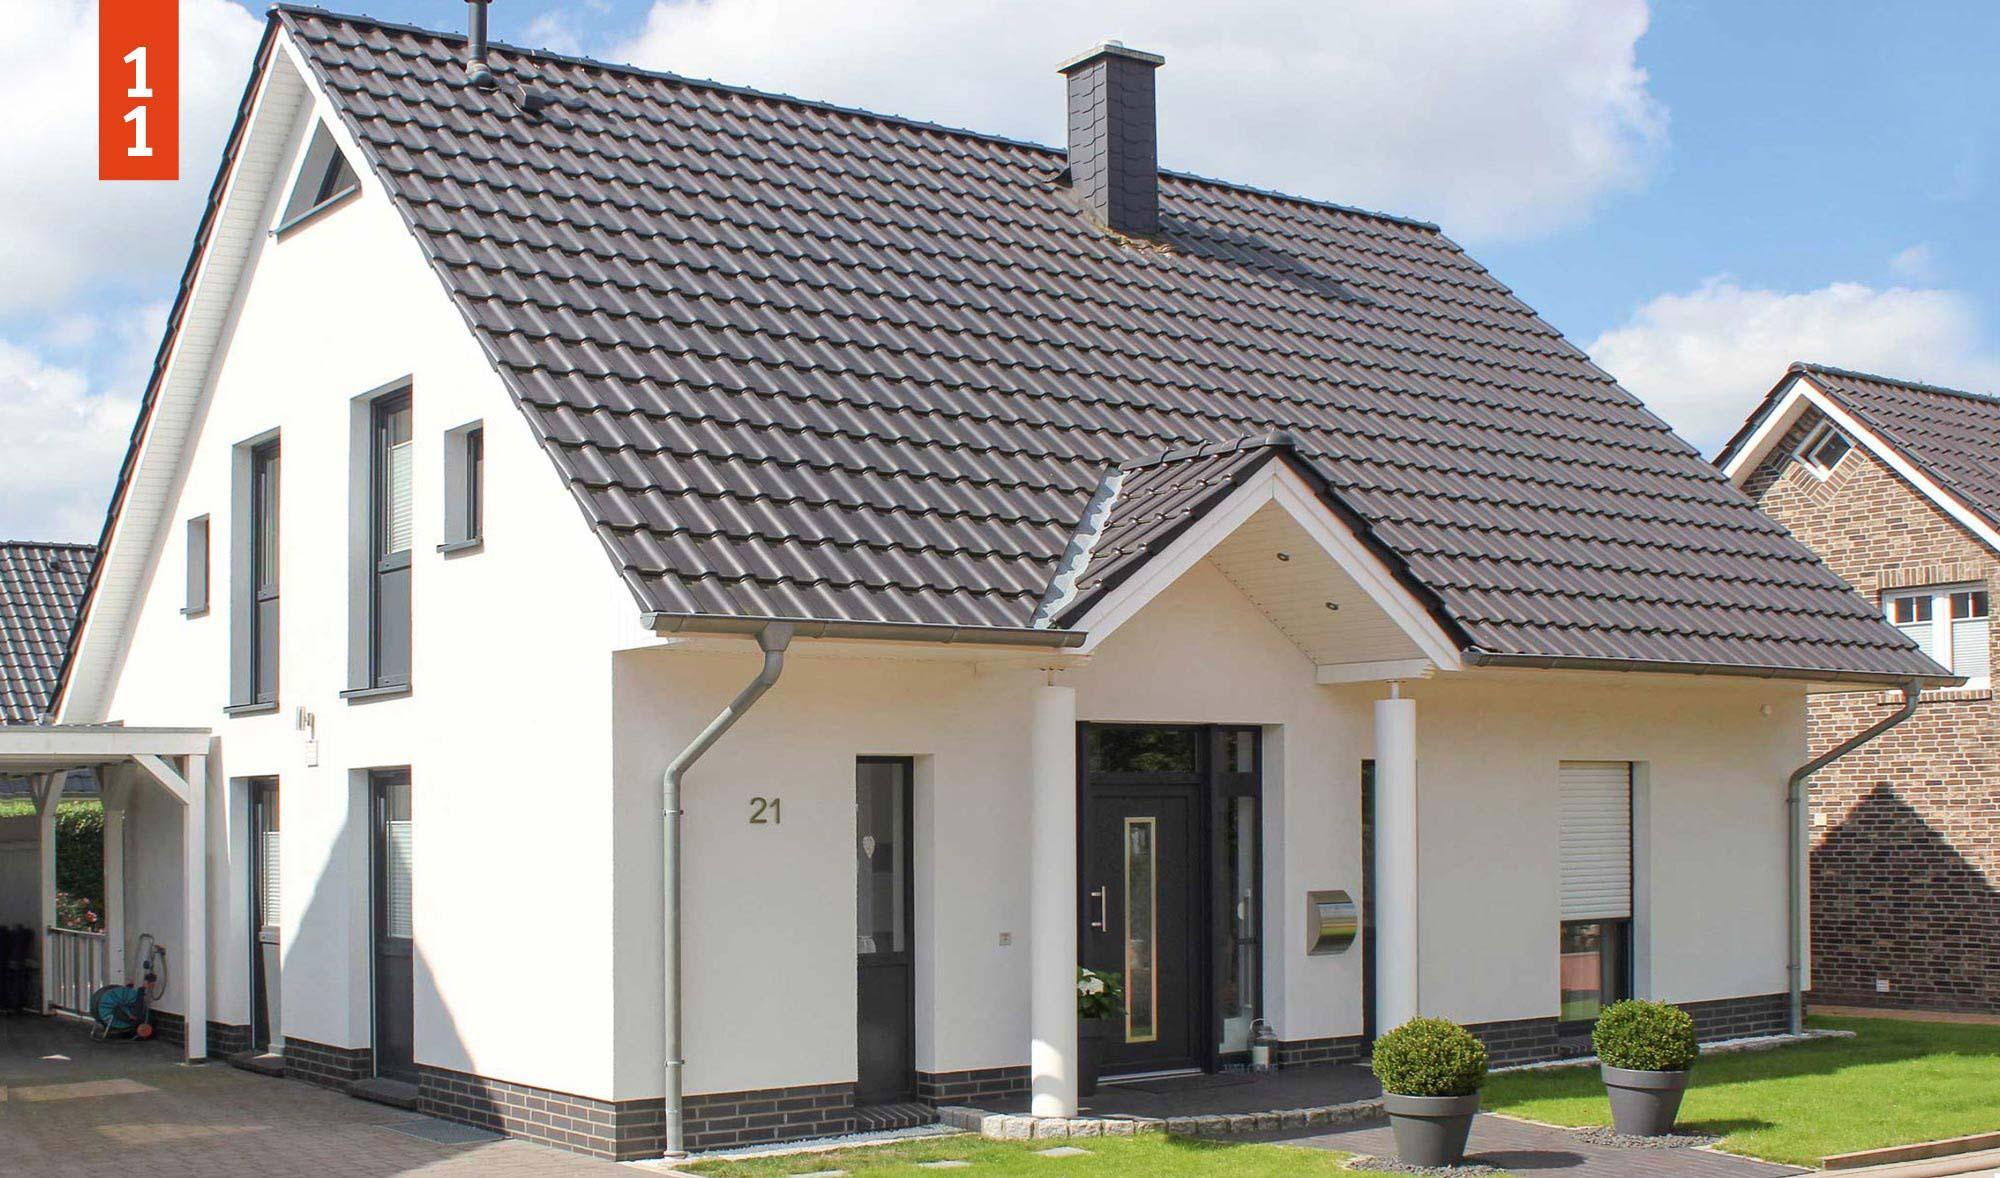 Wunsch T Raum Satteldachhaus 130 Qm